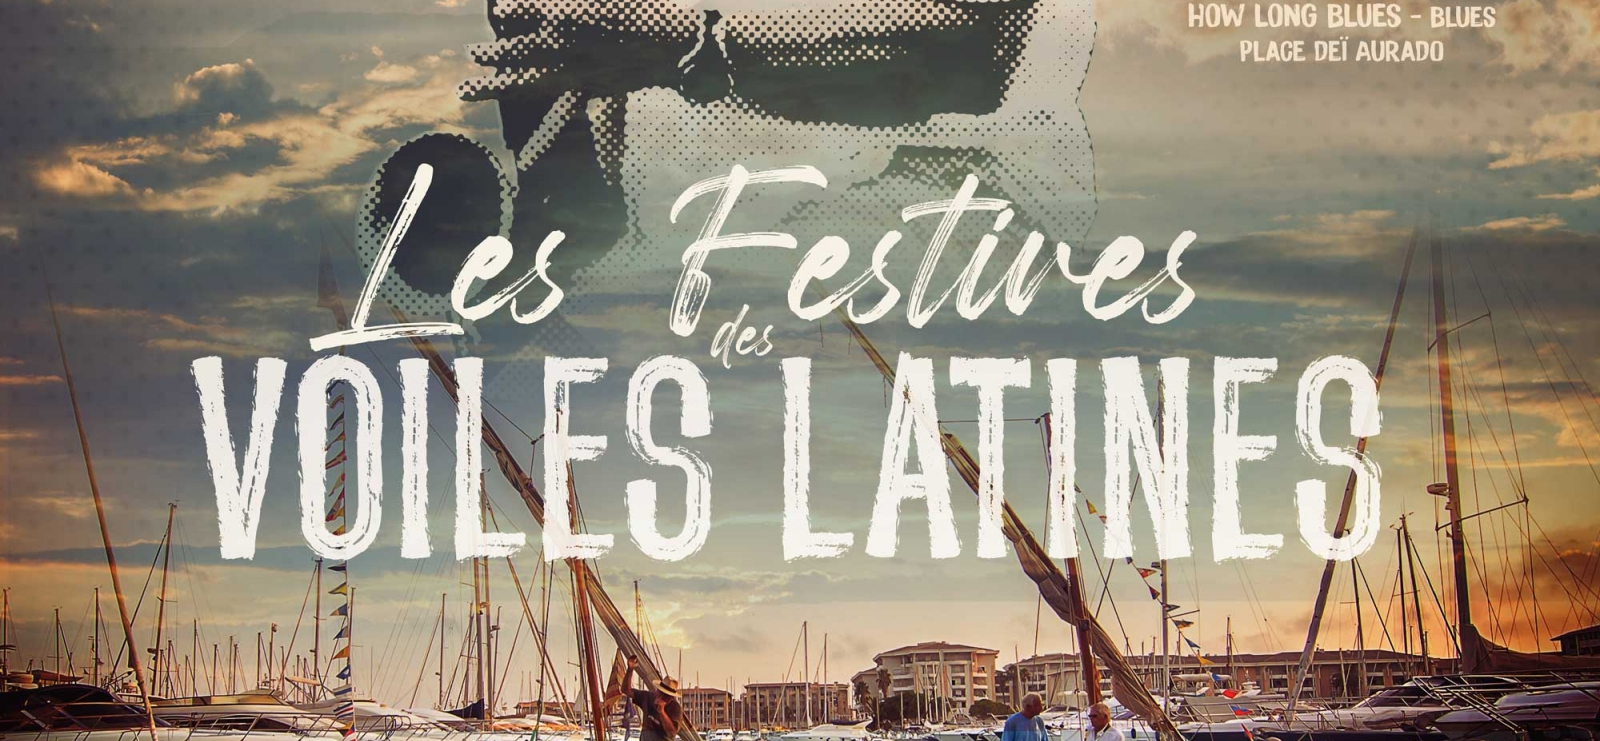 Les festives des voiles latines